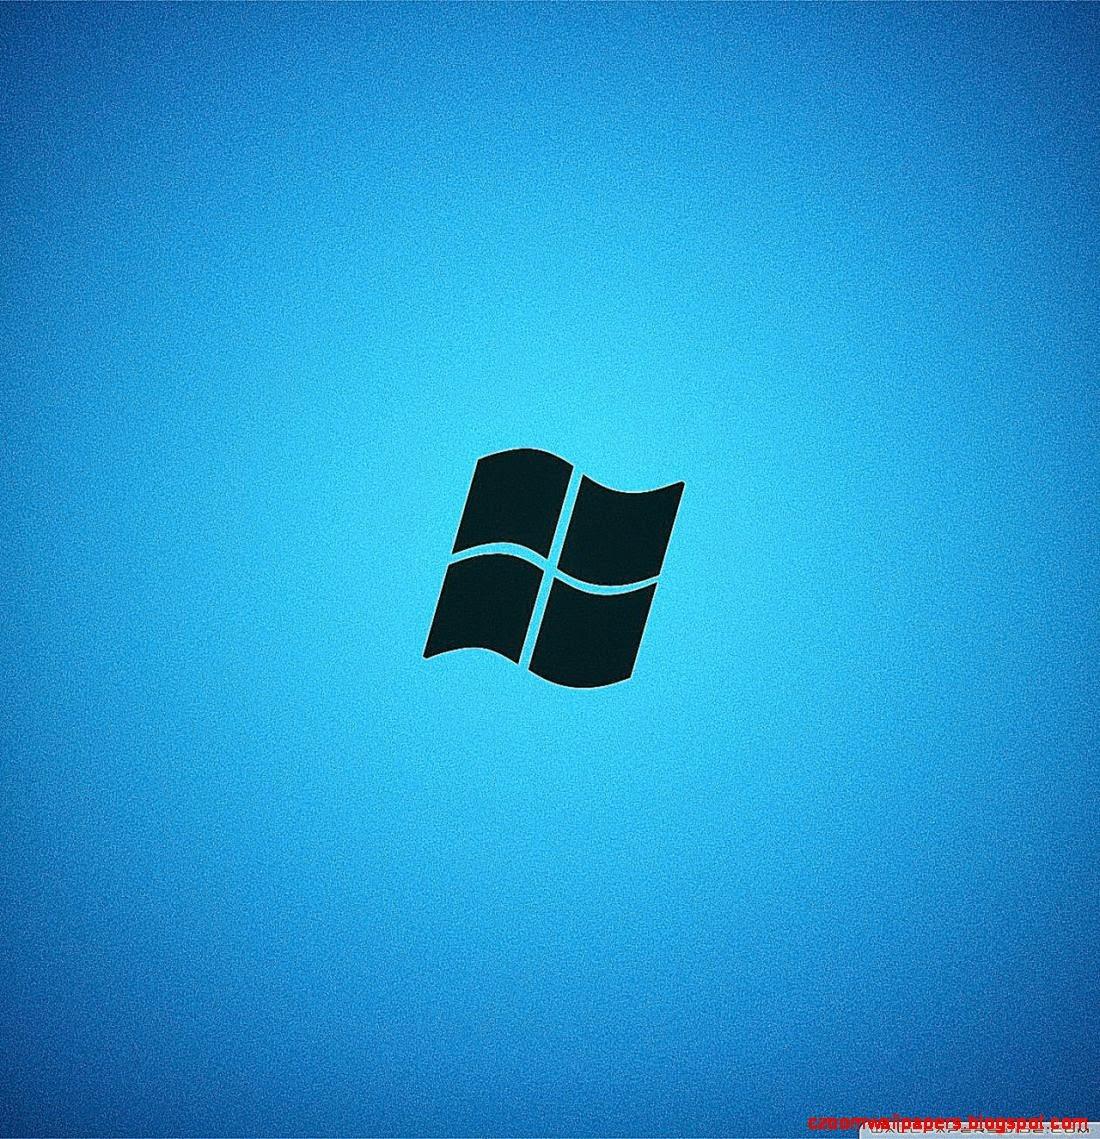 Windows 8 Desktop HD desktop wallpaper  Widescreen  Fullscreen